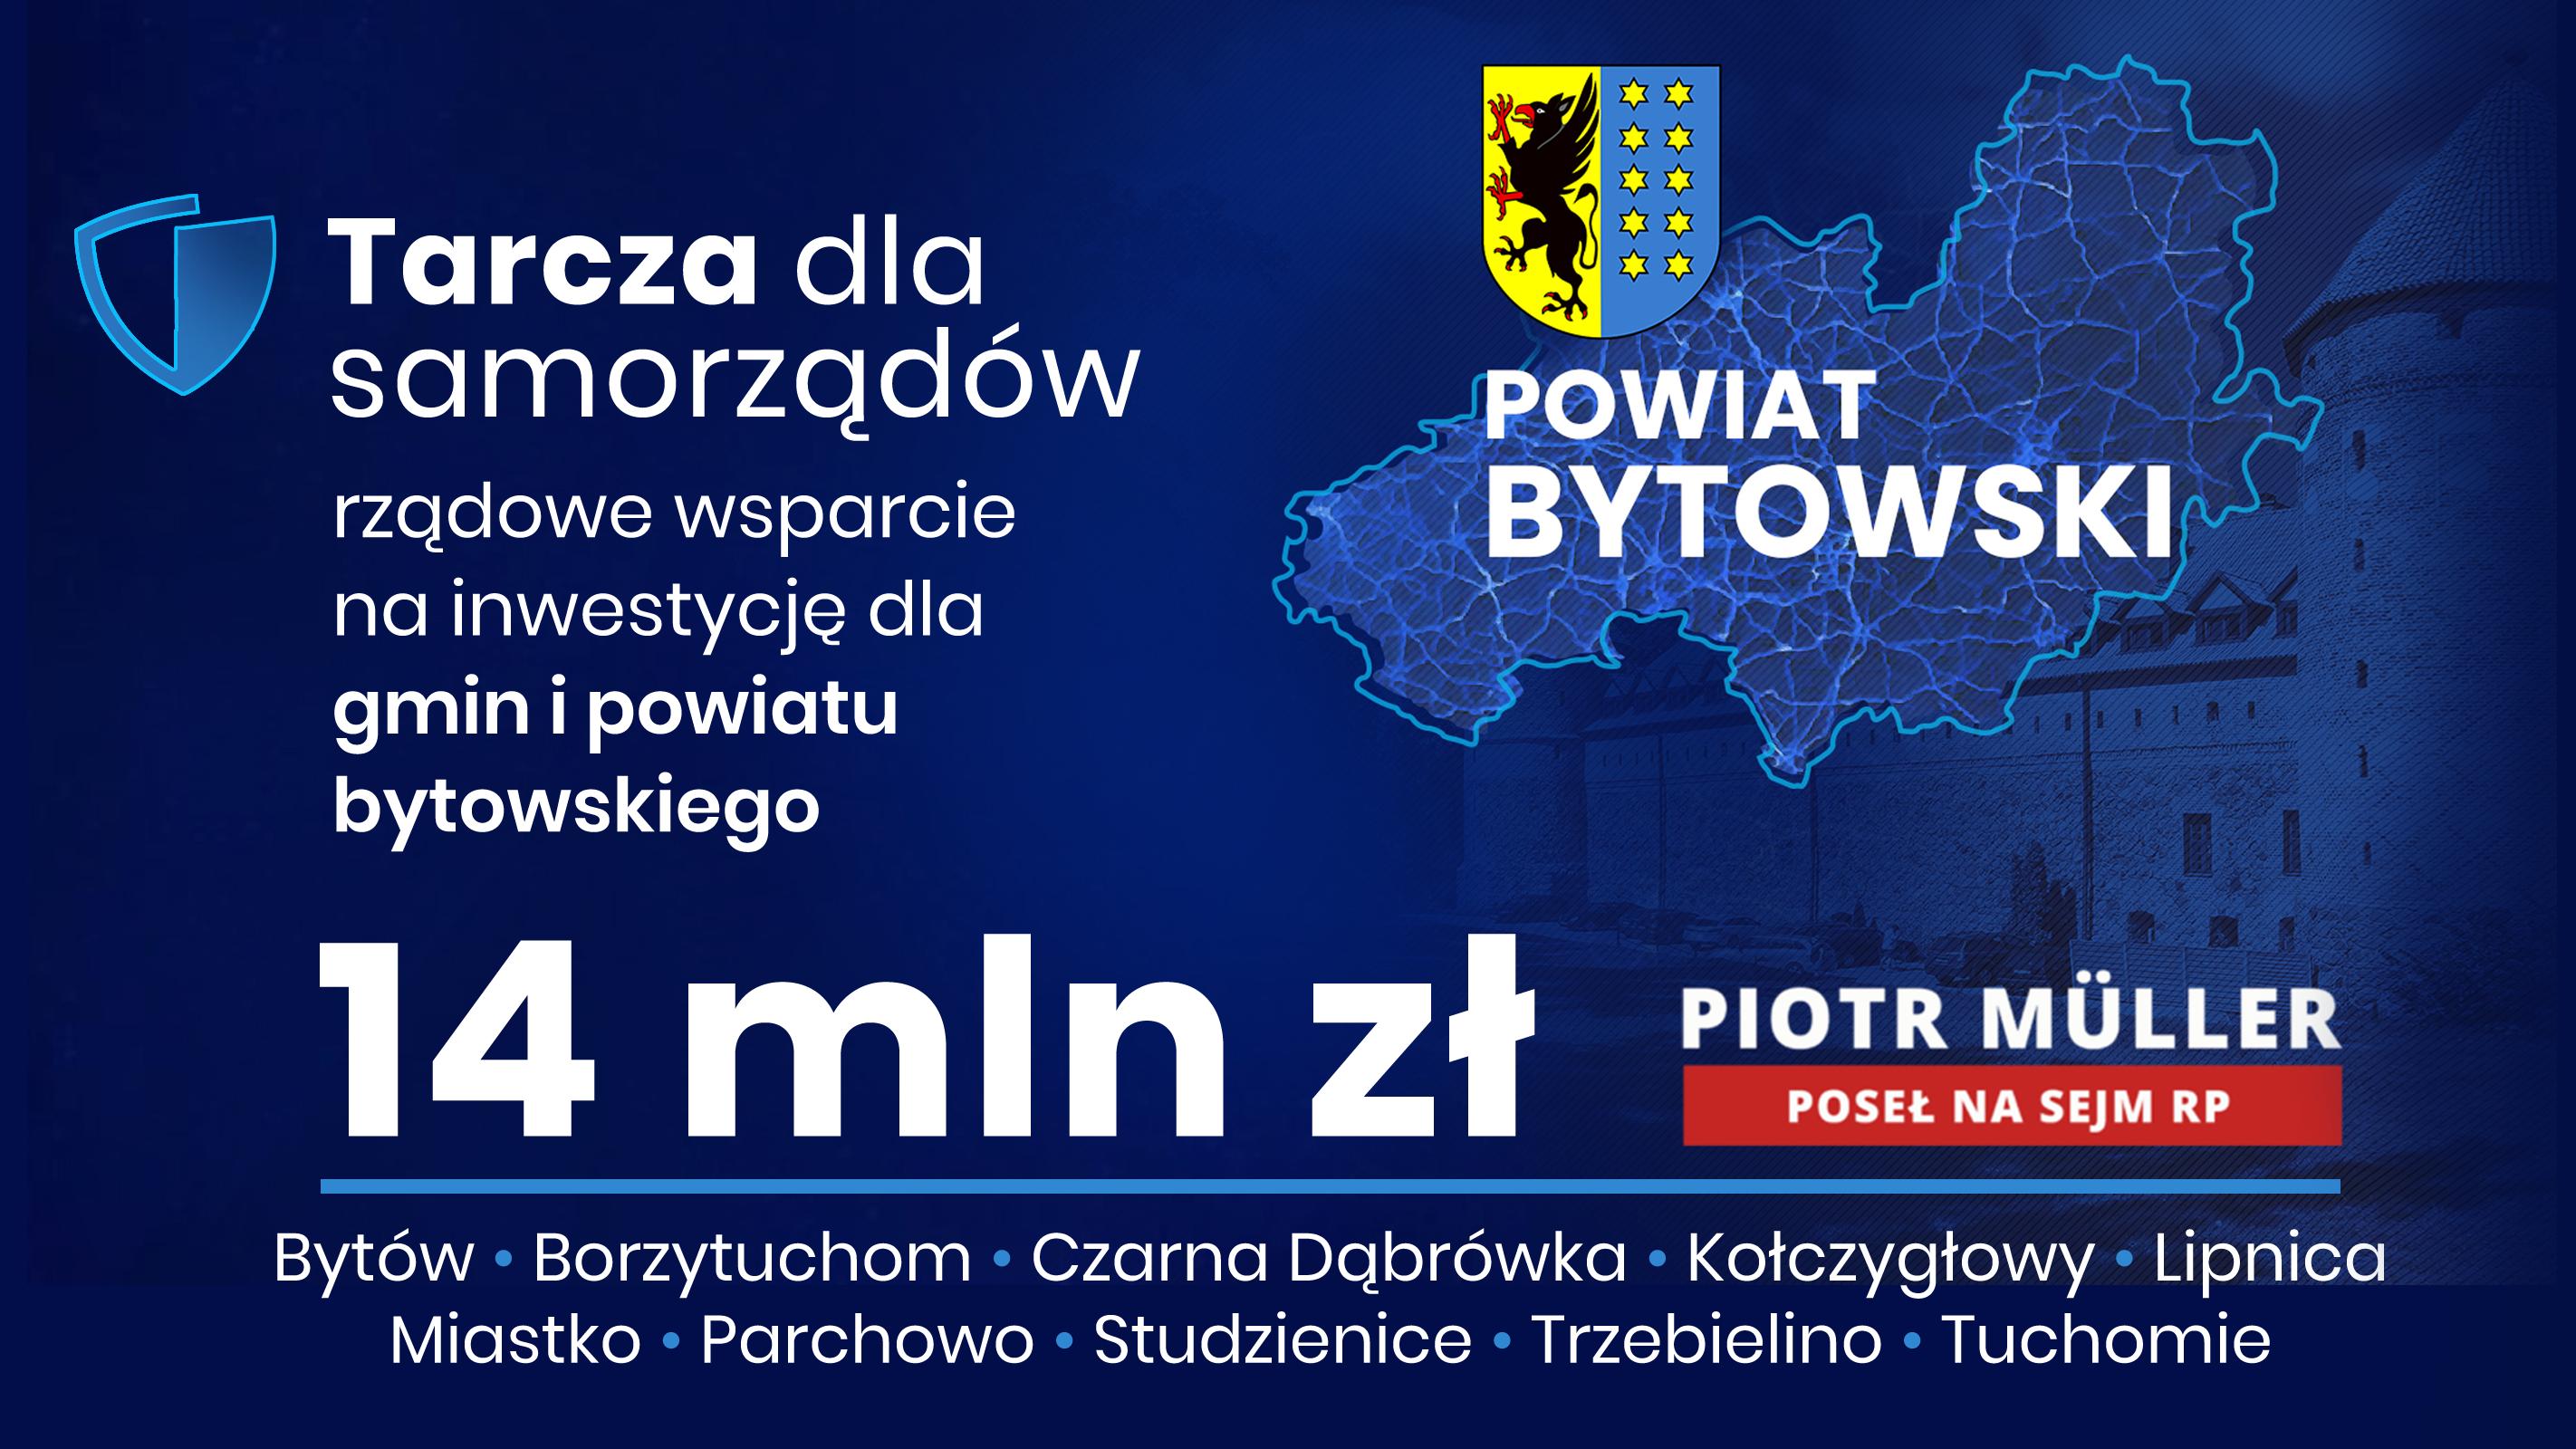 14 mln zł dla regionu bytowskiego